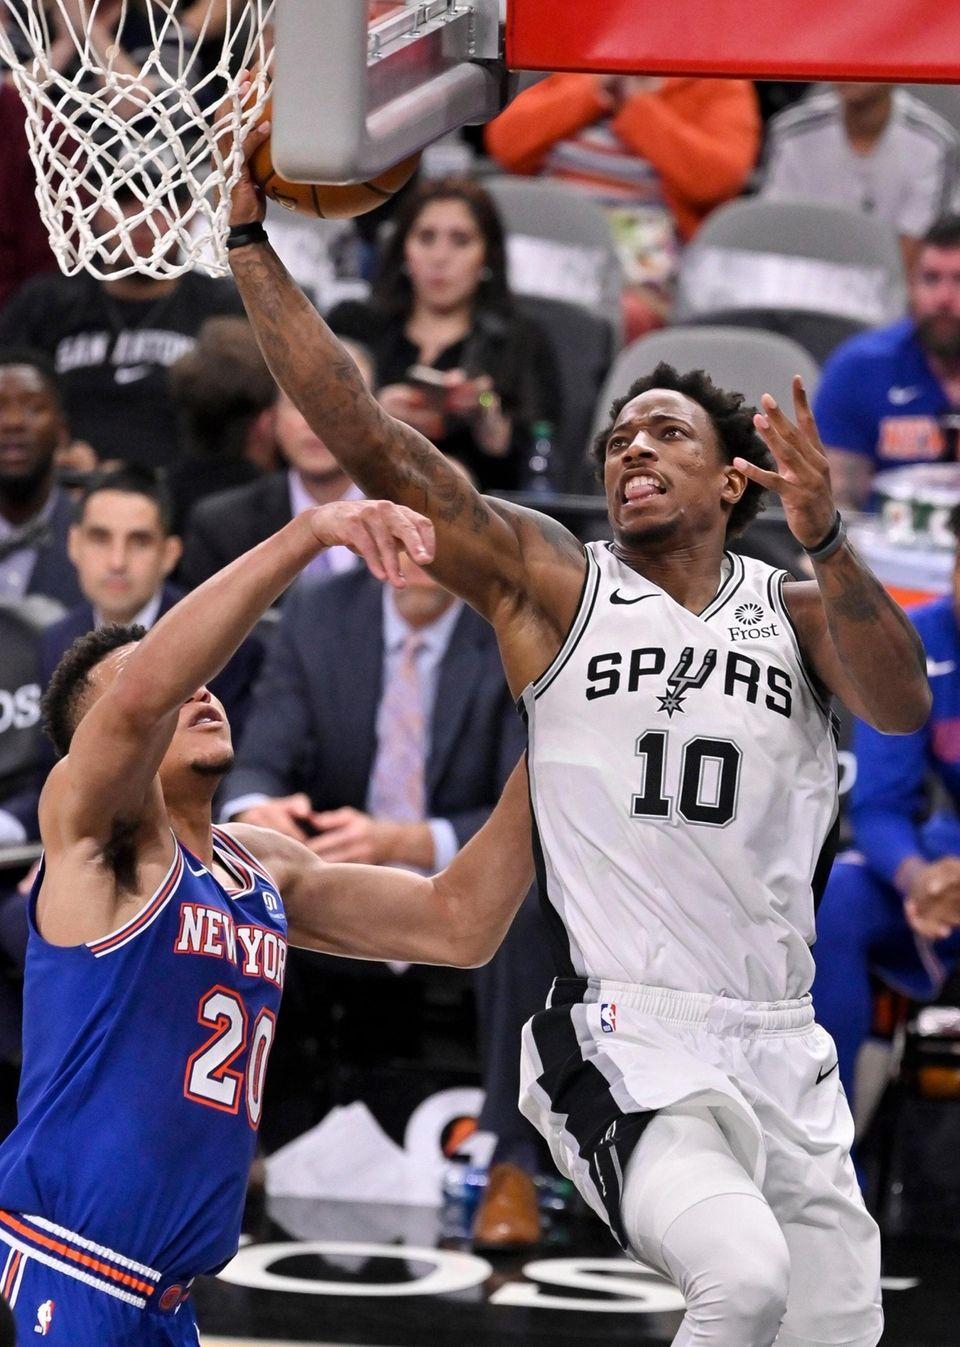 The San Antonio Spurs' DeMar DeRozan shoots against